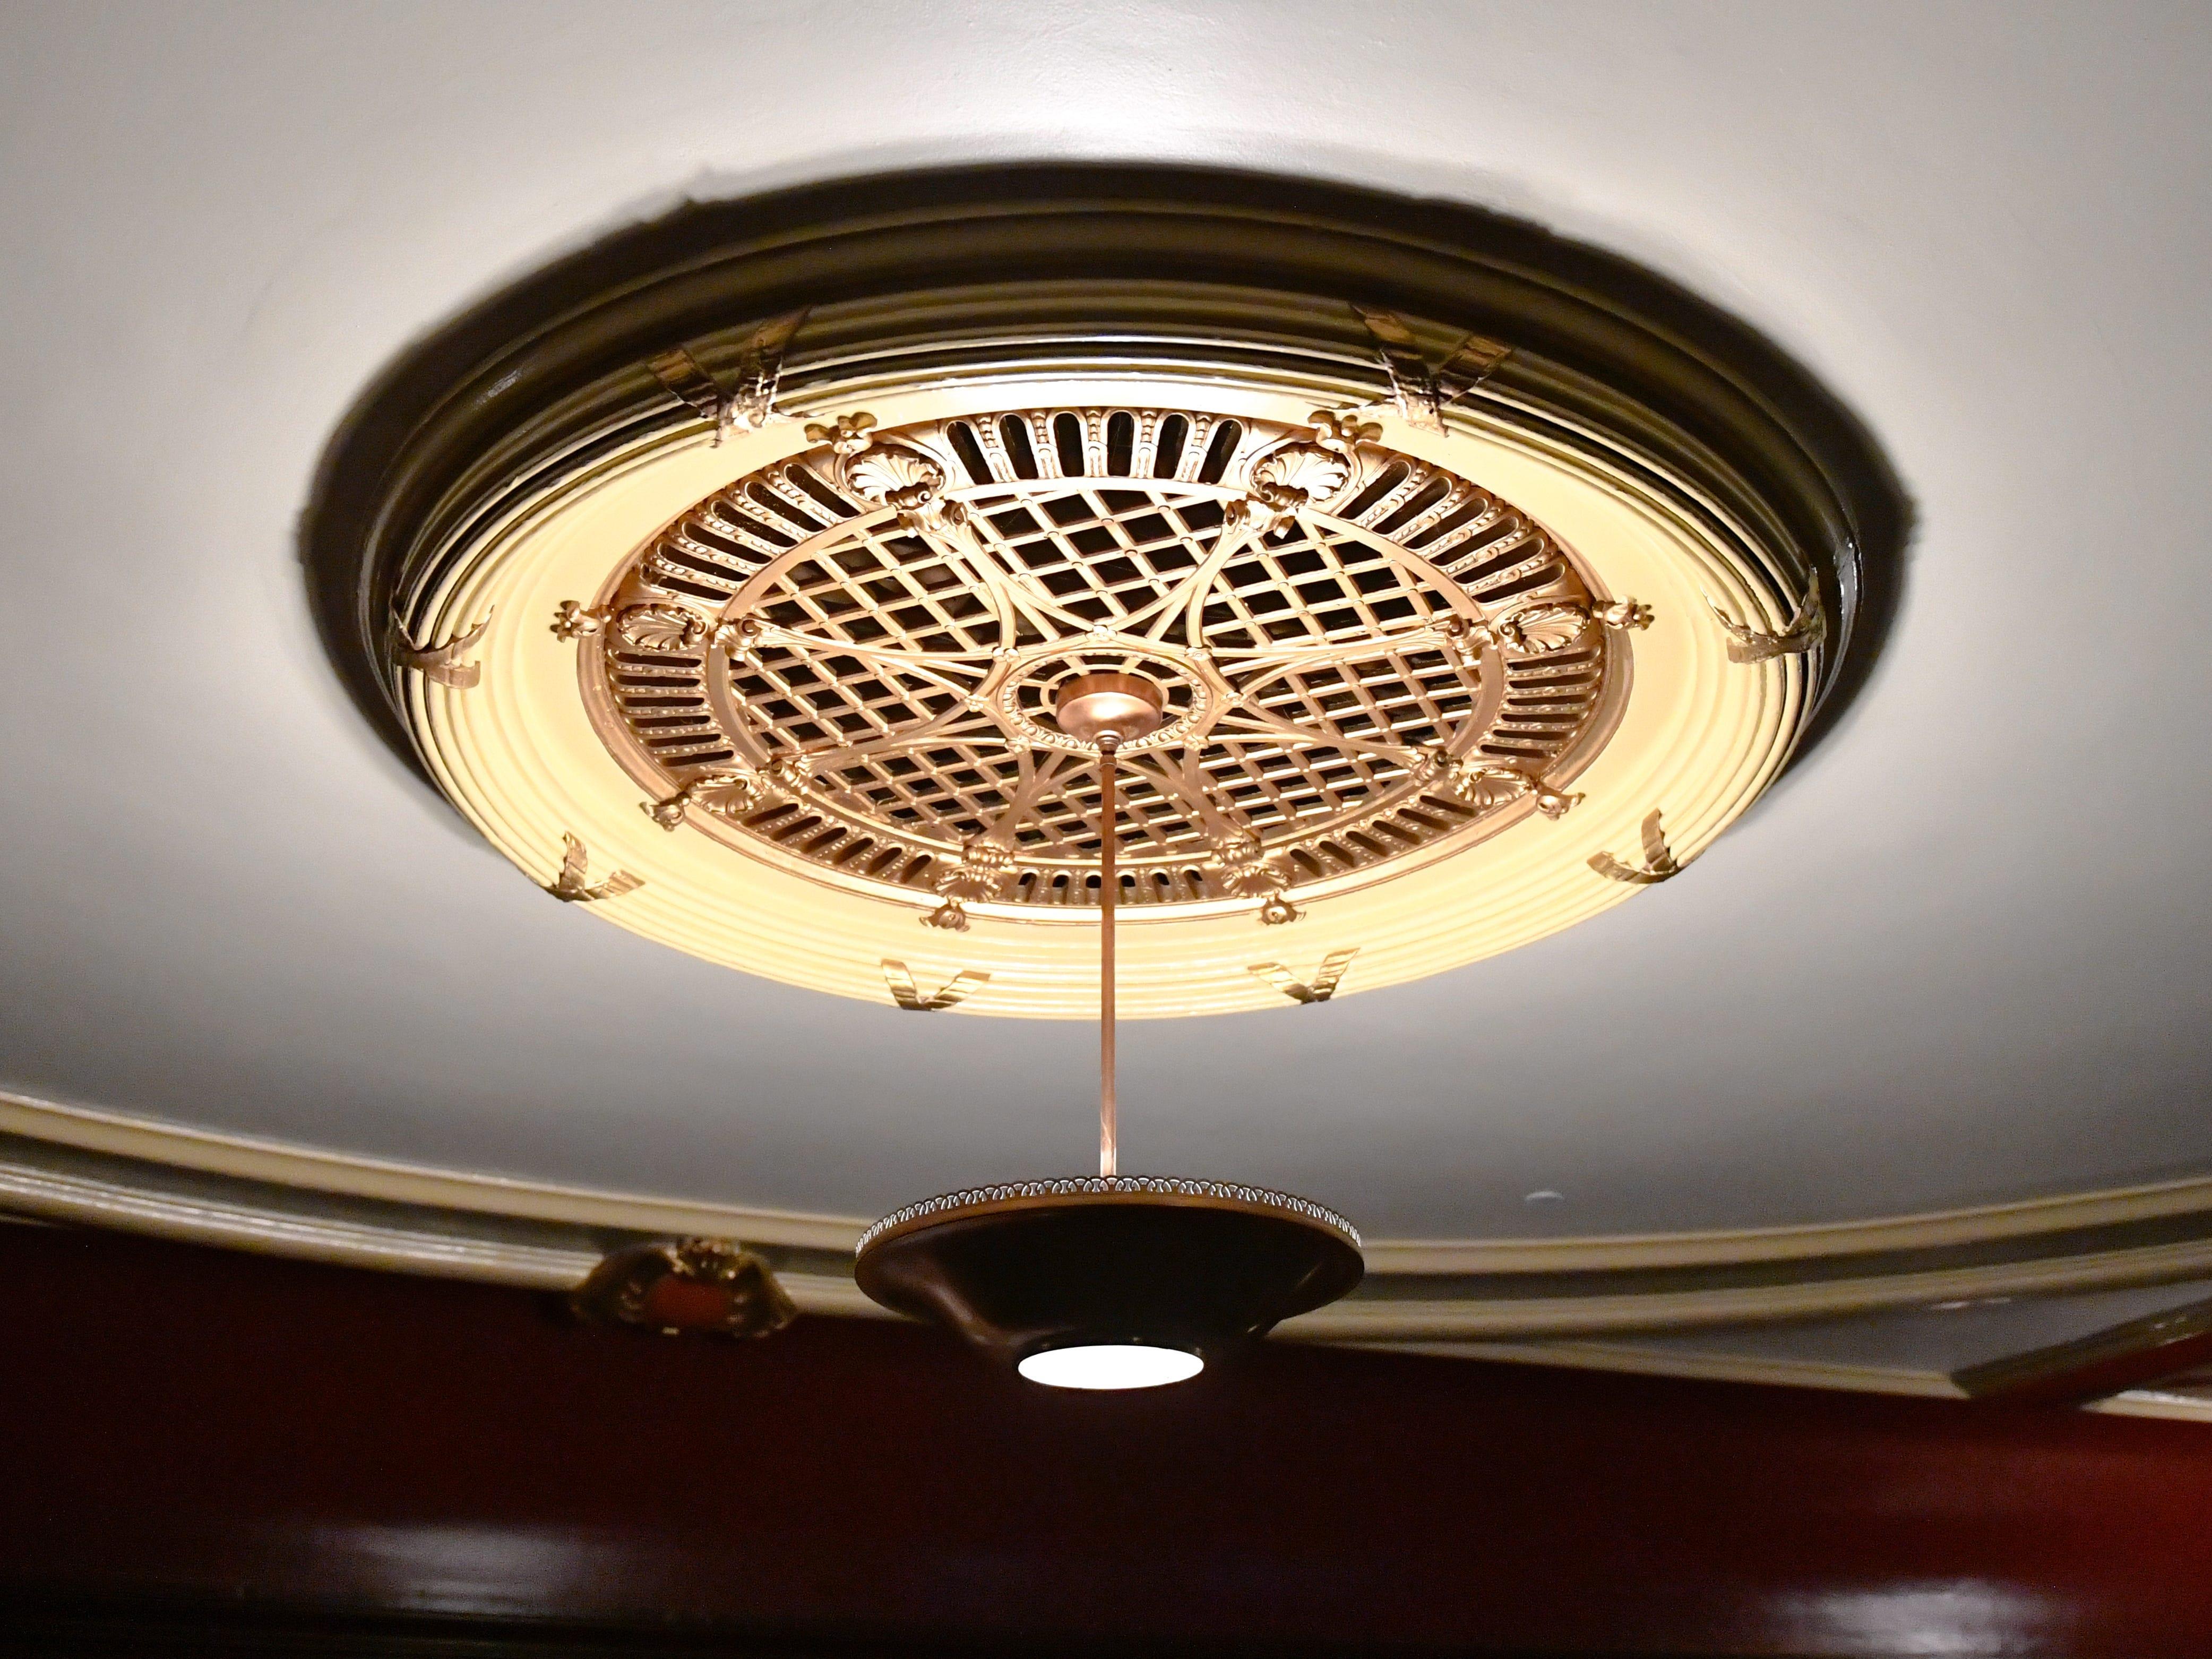 Each light in the theatre has a unique design.